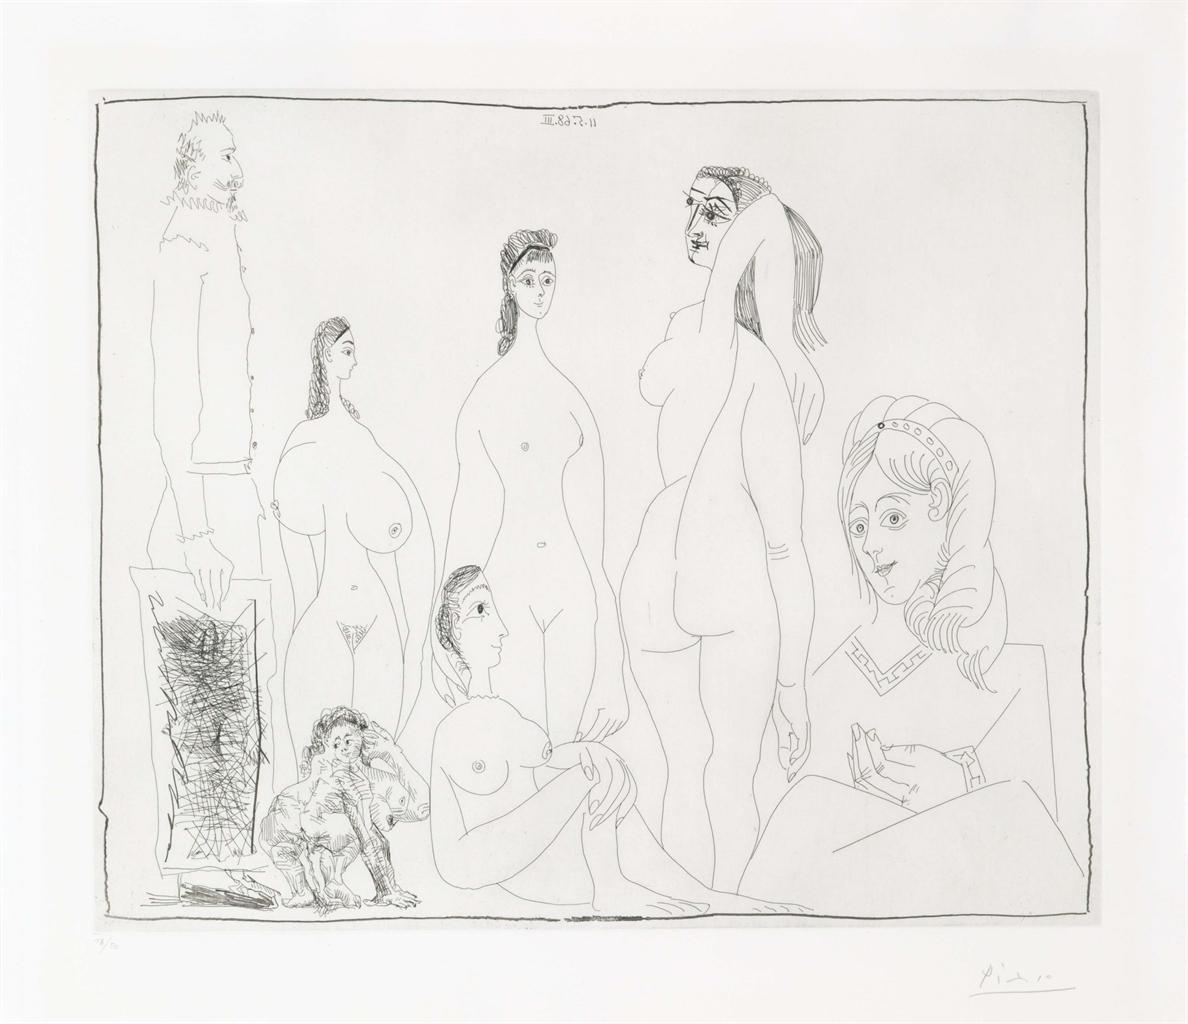 Pablo Picasso-Peintre Longiline Avec Des Femmes, Dont Une Petite Pisseuse, From La Serie 347-1968